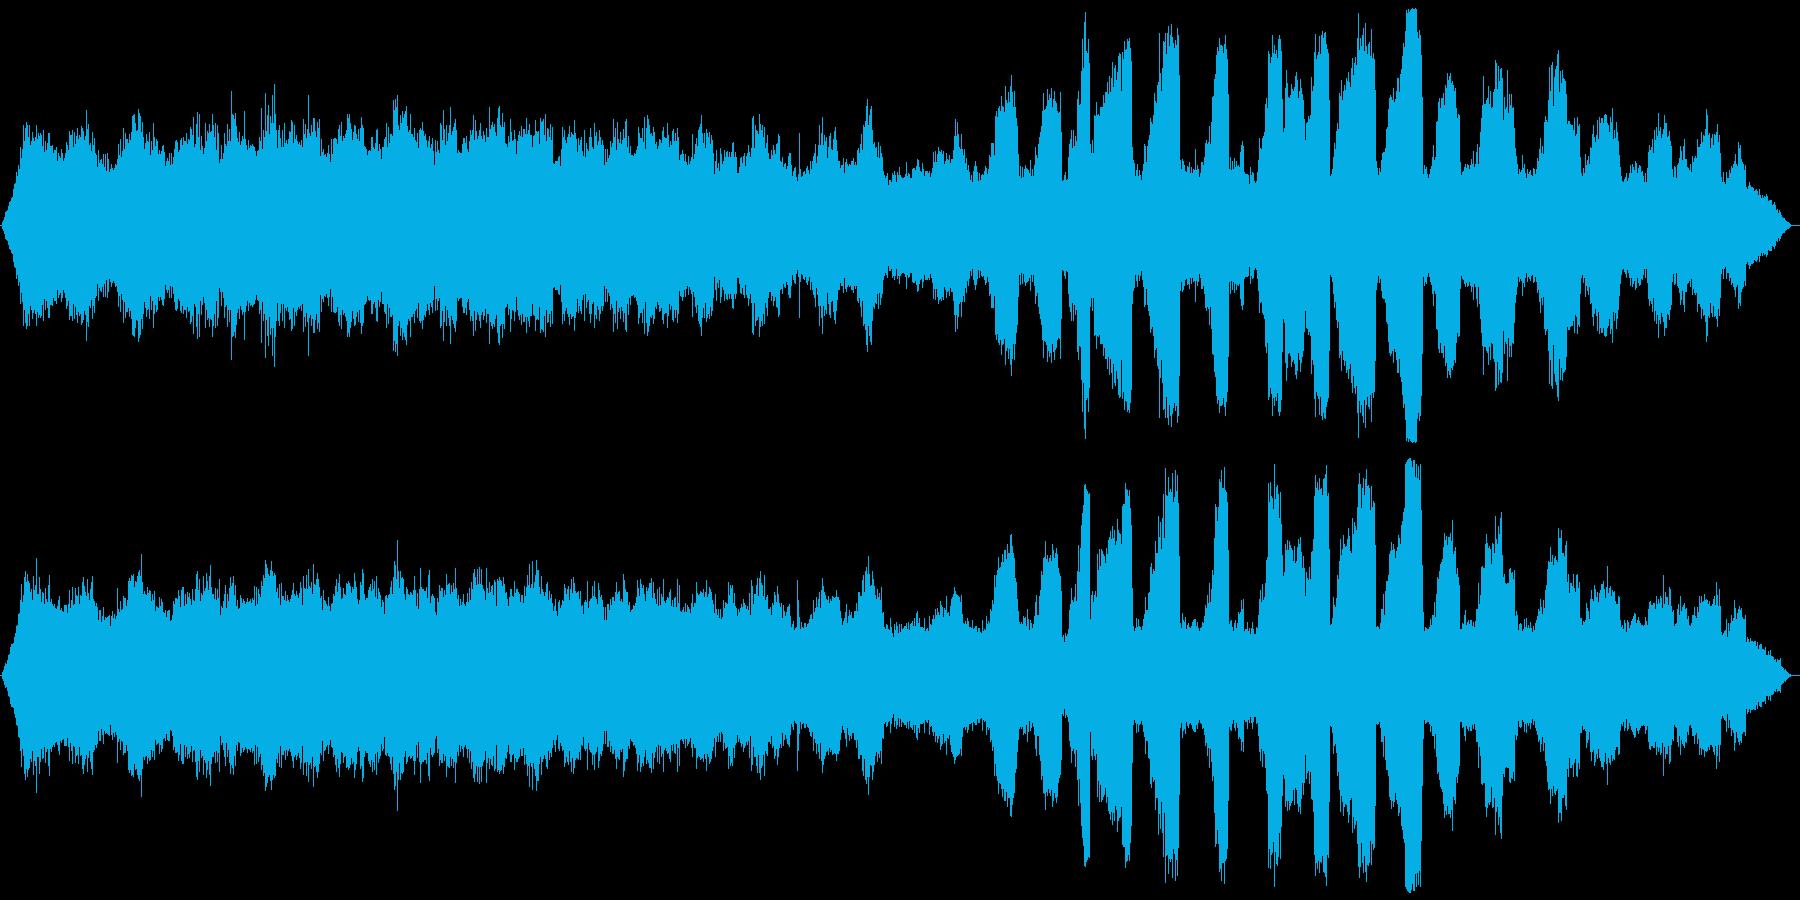 ミーンミーン 北海道の蝉 音景色 その1の再生済みの波形